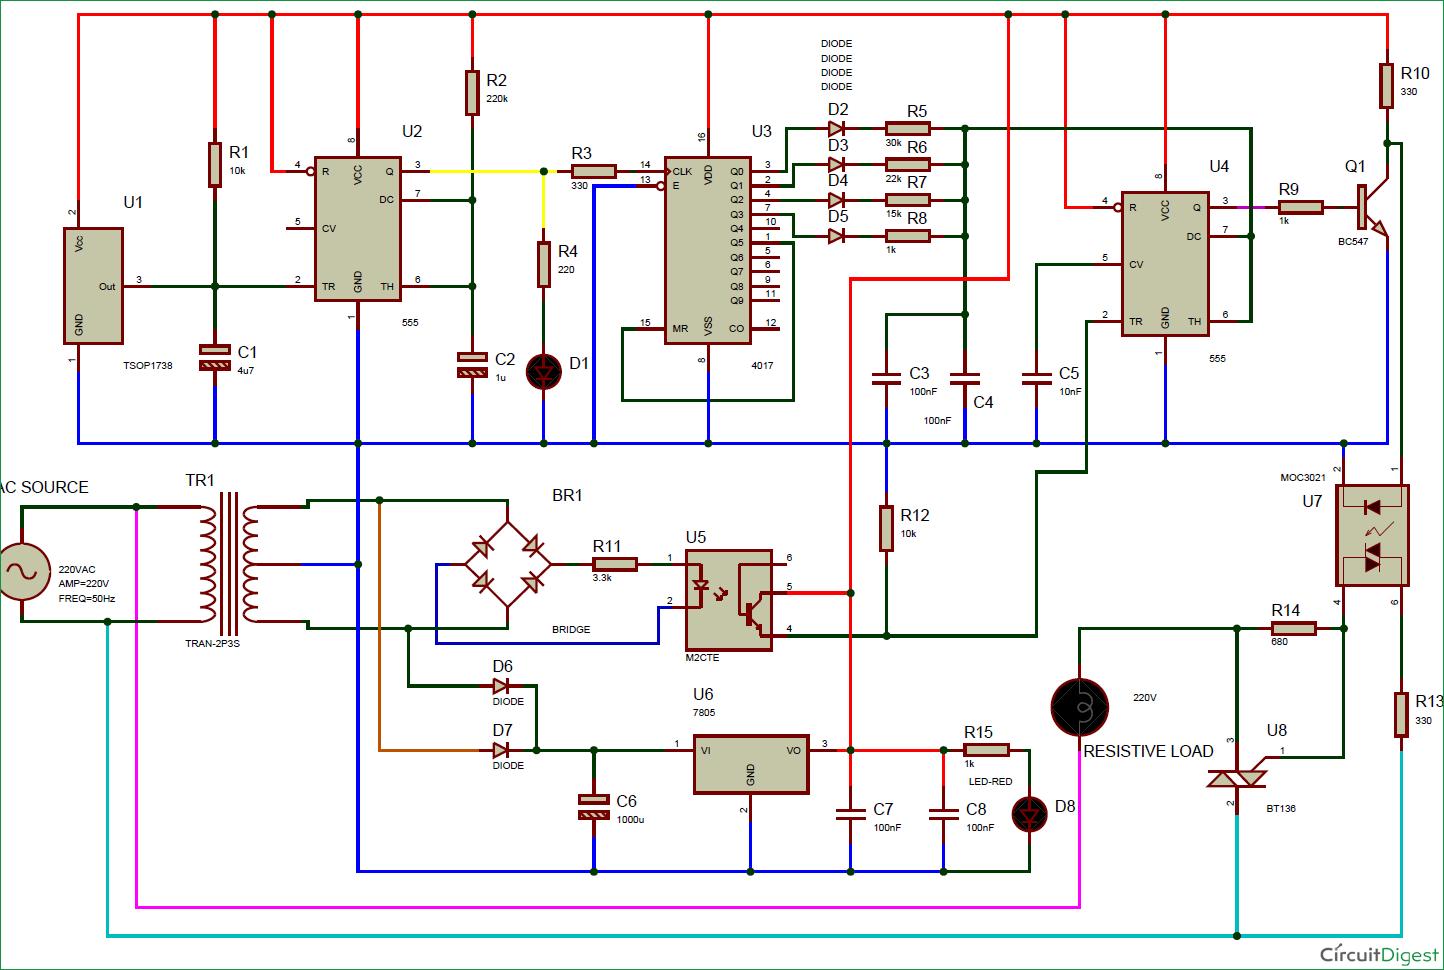 hight resolution of m1009 wiring schematic nemetas aufgegabelt info 1965 mustang wiring diagram breathtaking m1009 wiring schematic contemporary best